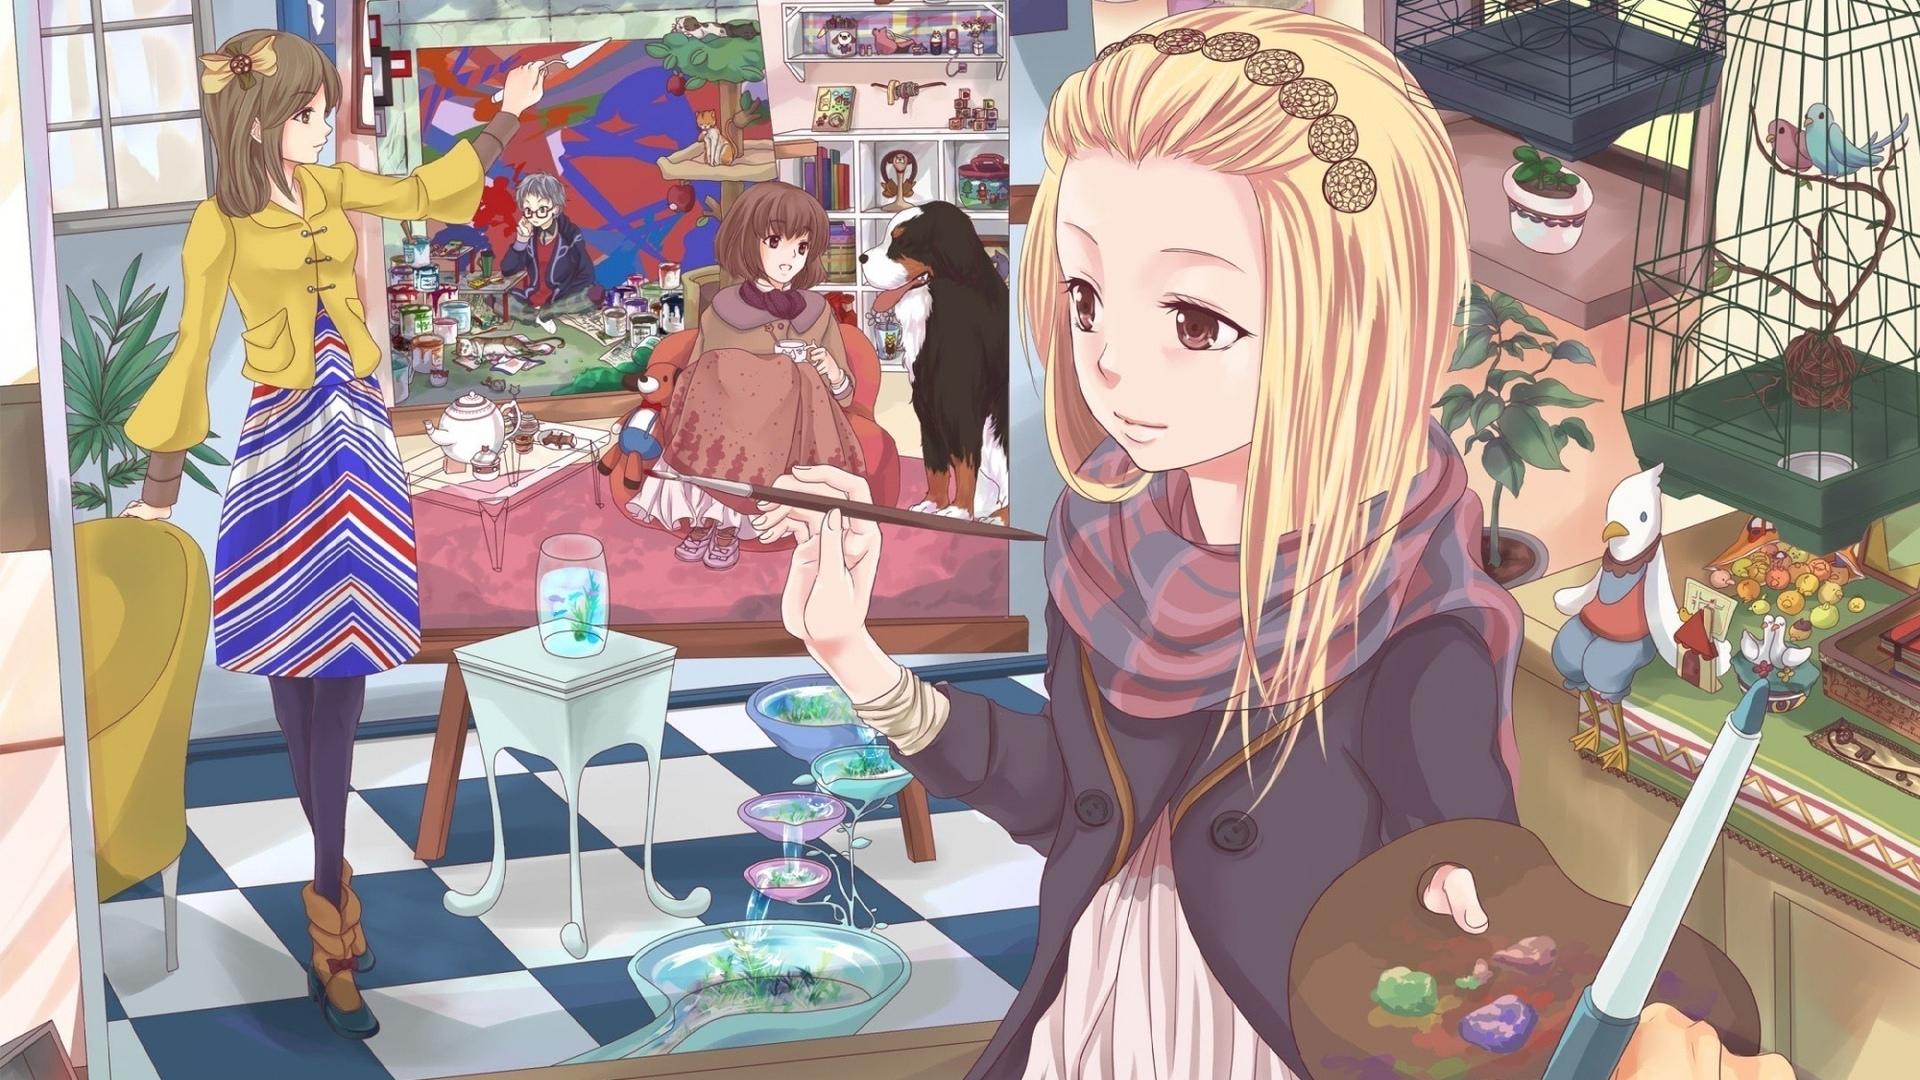 Аниме-художница обвинила Sony в продаже ее работы без разрешения